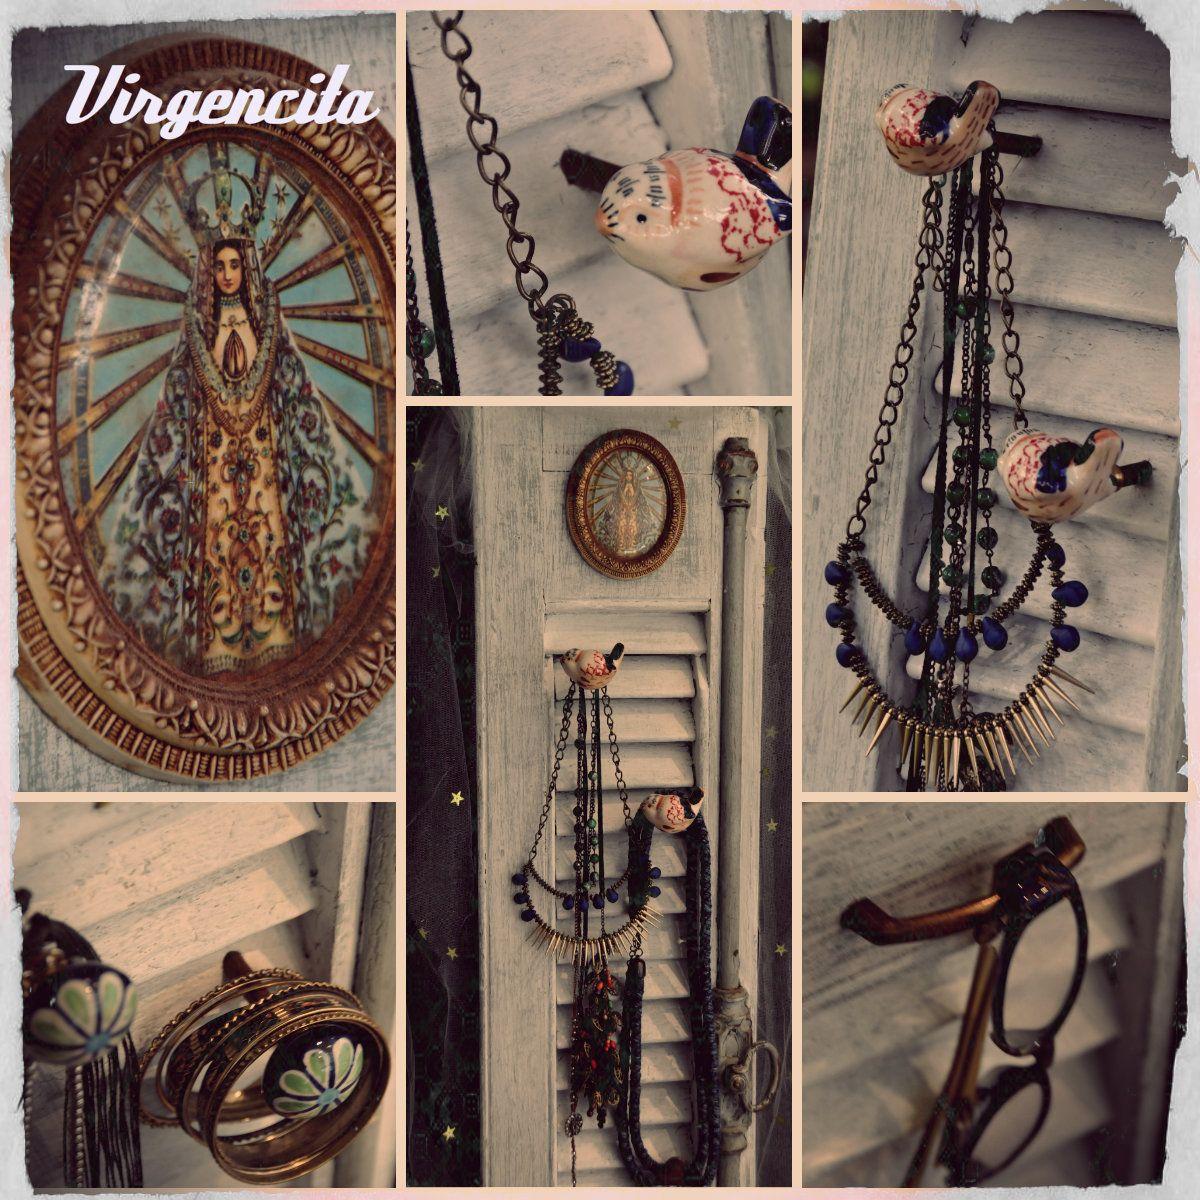 Muebles Para Bijou - Organizador De Bijou Vintage Realizado A Partir De Celosia [mjhdah]https://s-media-cache-ak0.pinimg.com/originals/9f/72/b7/9f72b72f1bbb14cdf44ef2e4a06a67f5.jpg